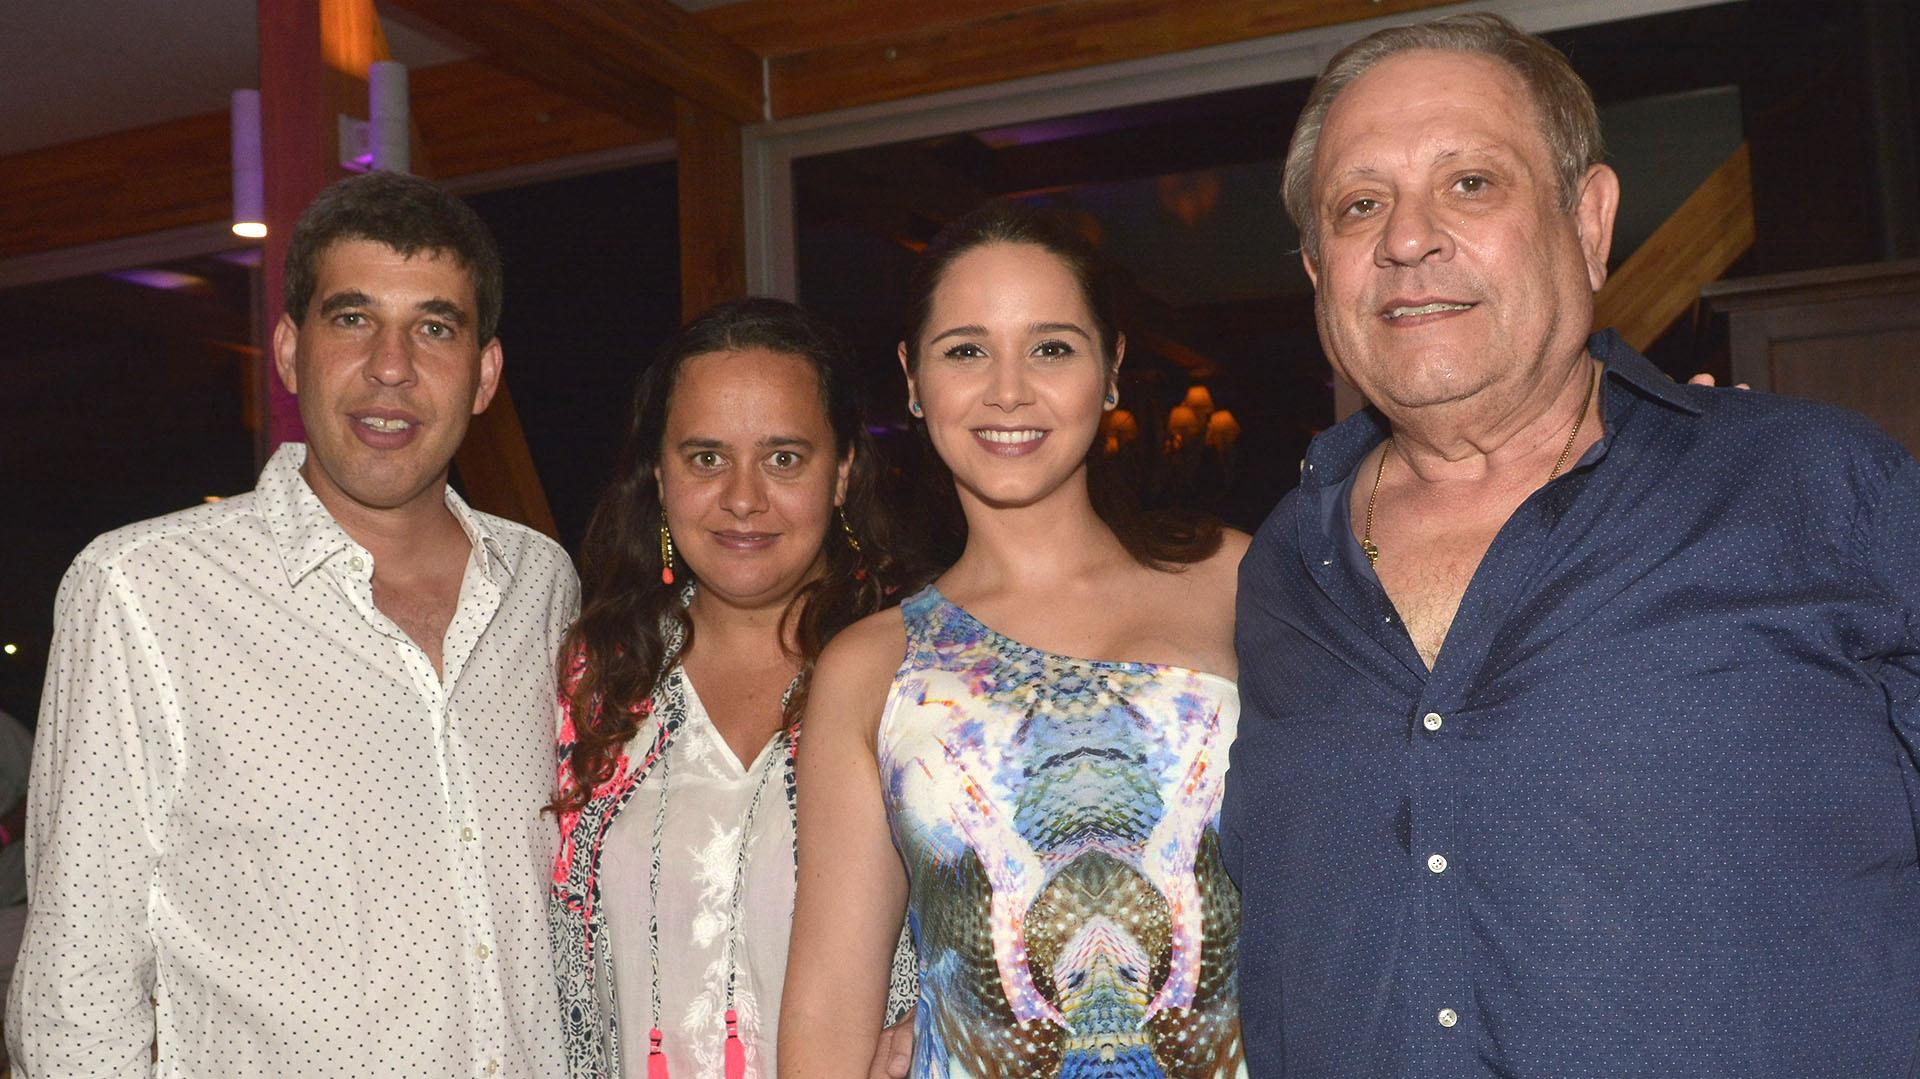 Alejandro Simon (CEO de la Compañia) y su esposa Andrea Ginar y Nestor Abatidaga (Director General Corporativo) y su esposa Natali Marquez.